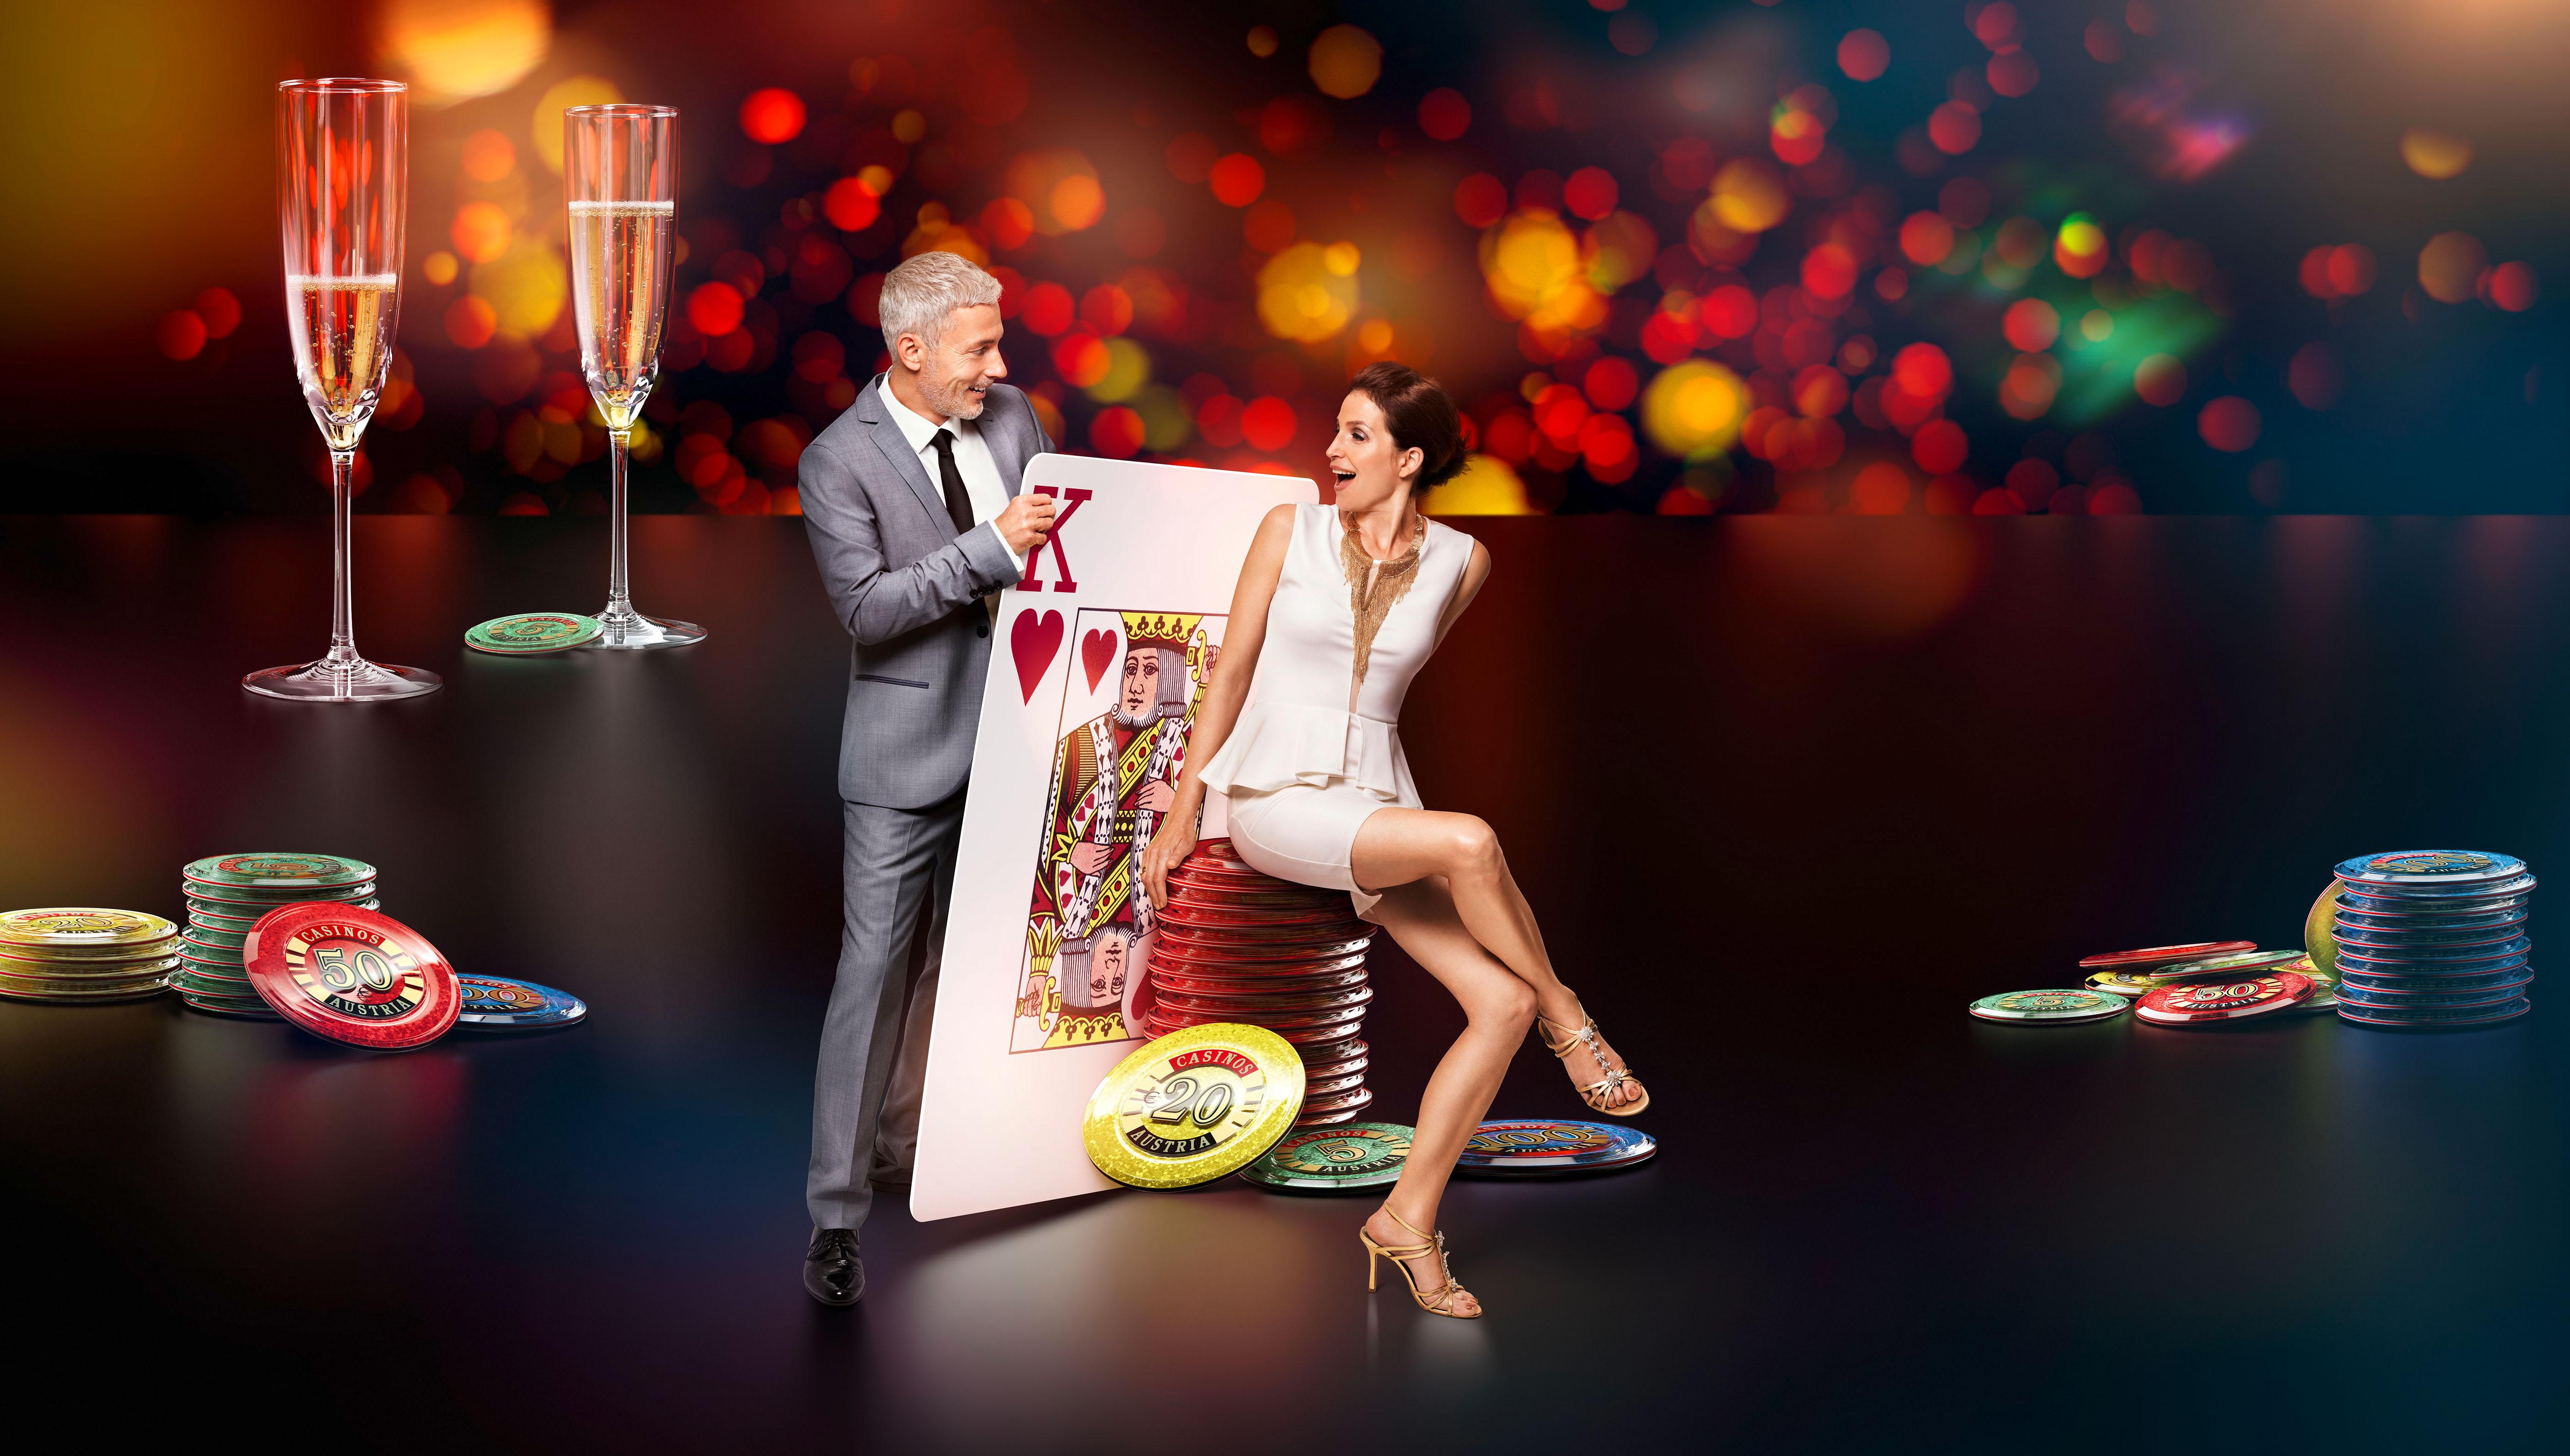 vatertag exklusiven abend bei casinos austria schenken. Black Bedroom Furniture Sets. Home Design Ideas